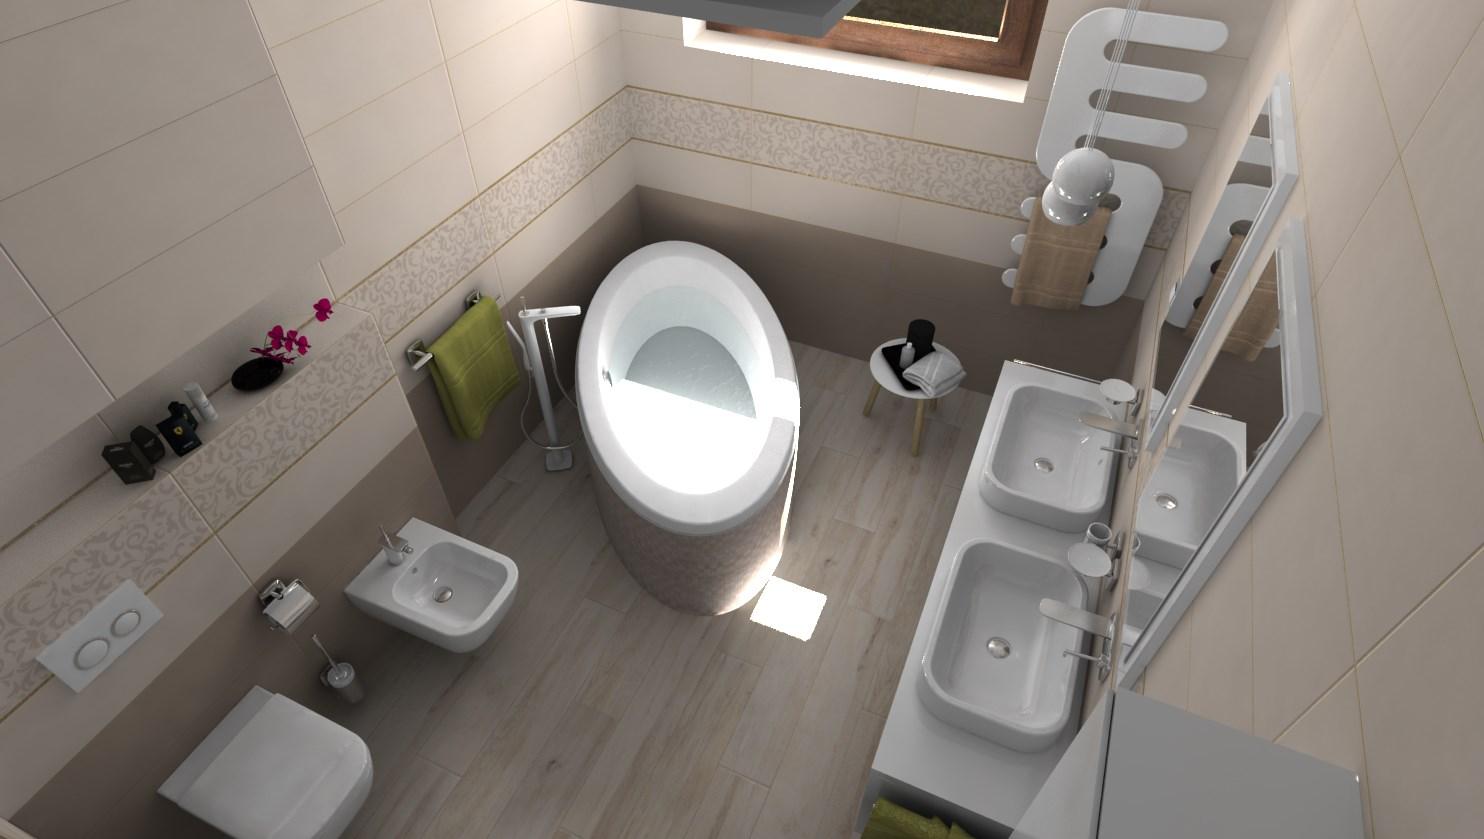 Vizualizácie kúpeľne - Vizualizácia kúpeľne - 2 spôsoby riešenia tej istej vane